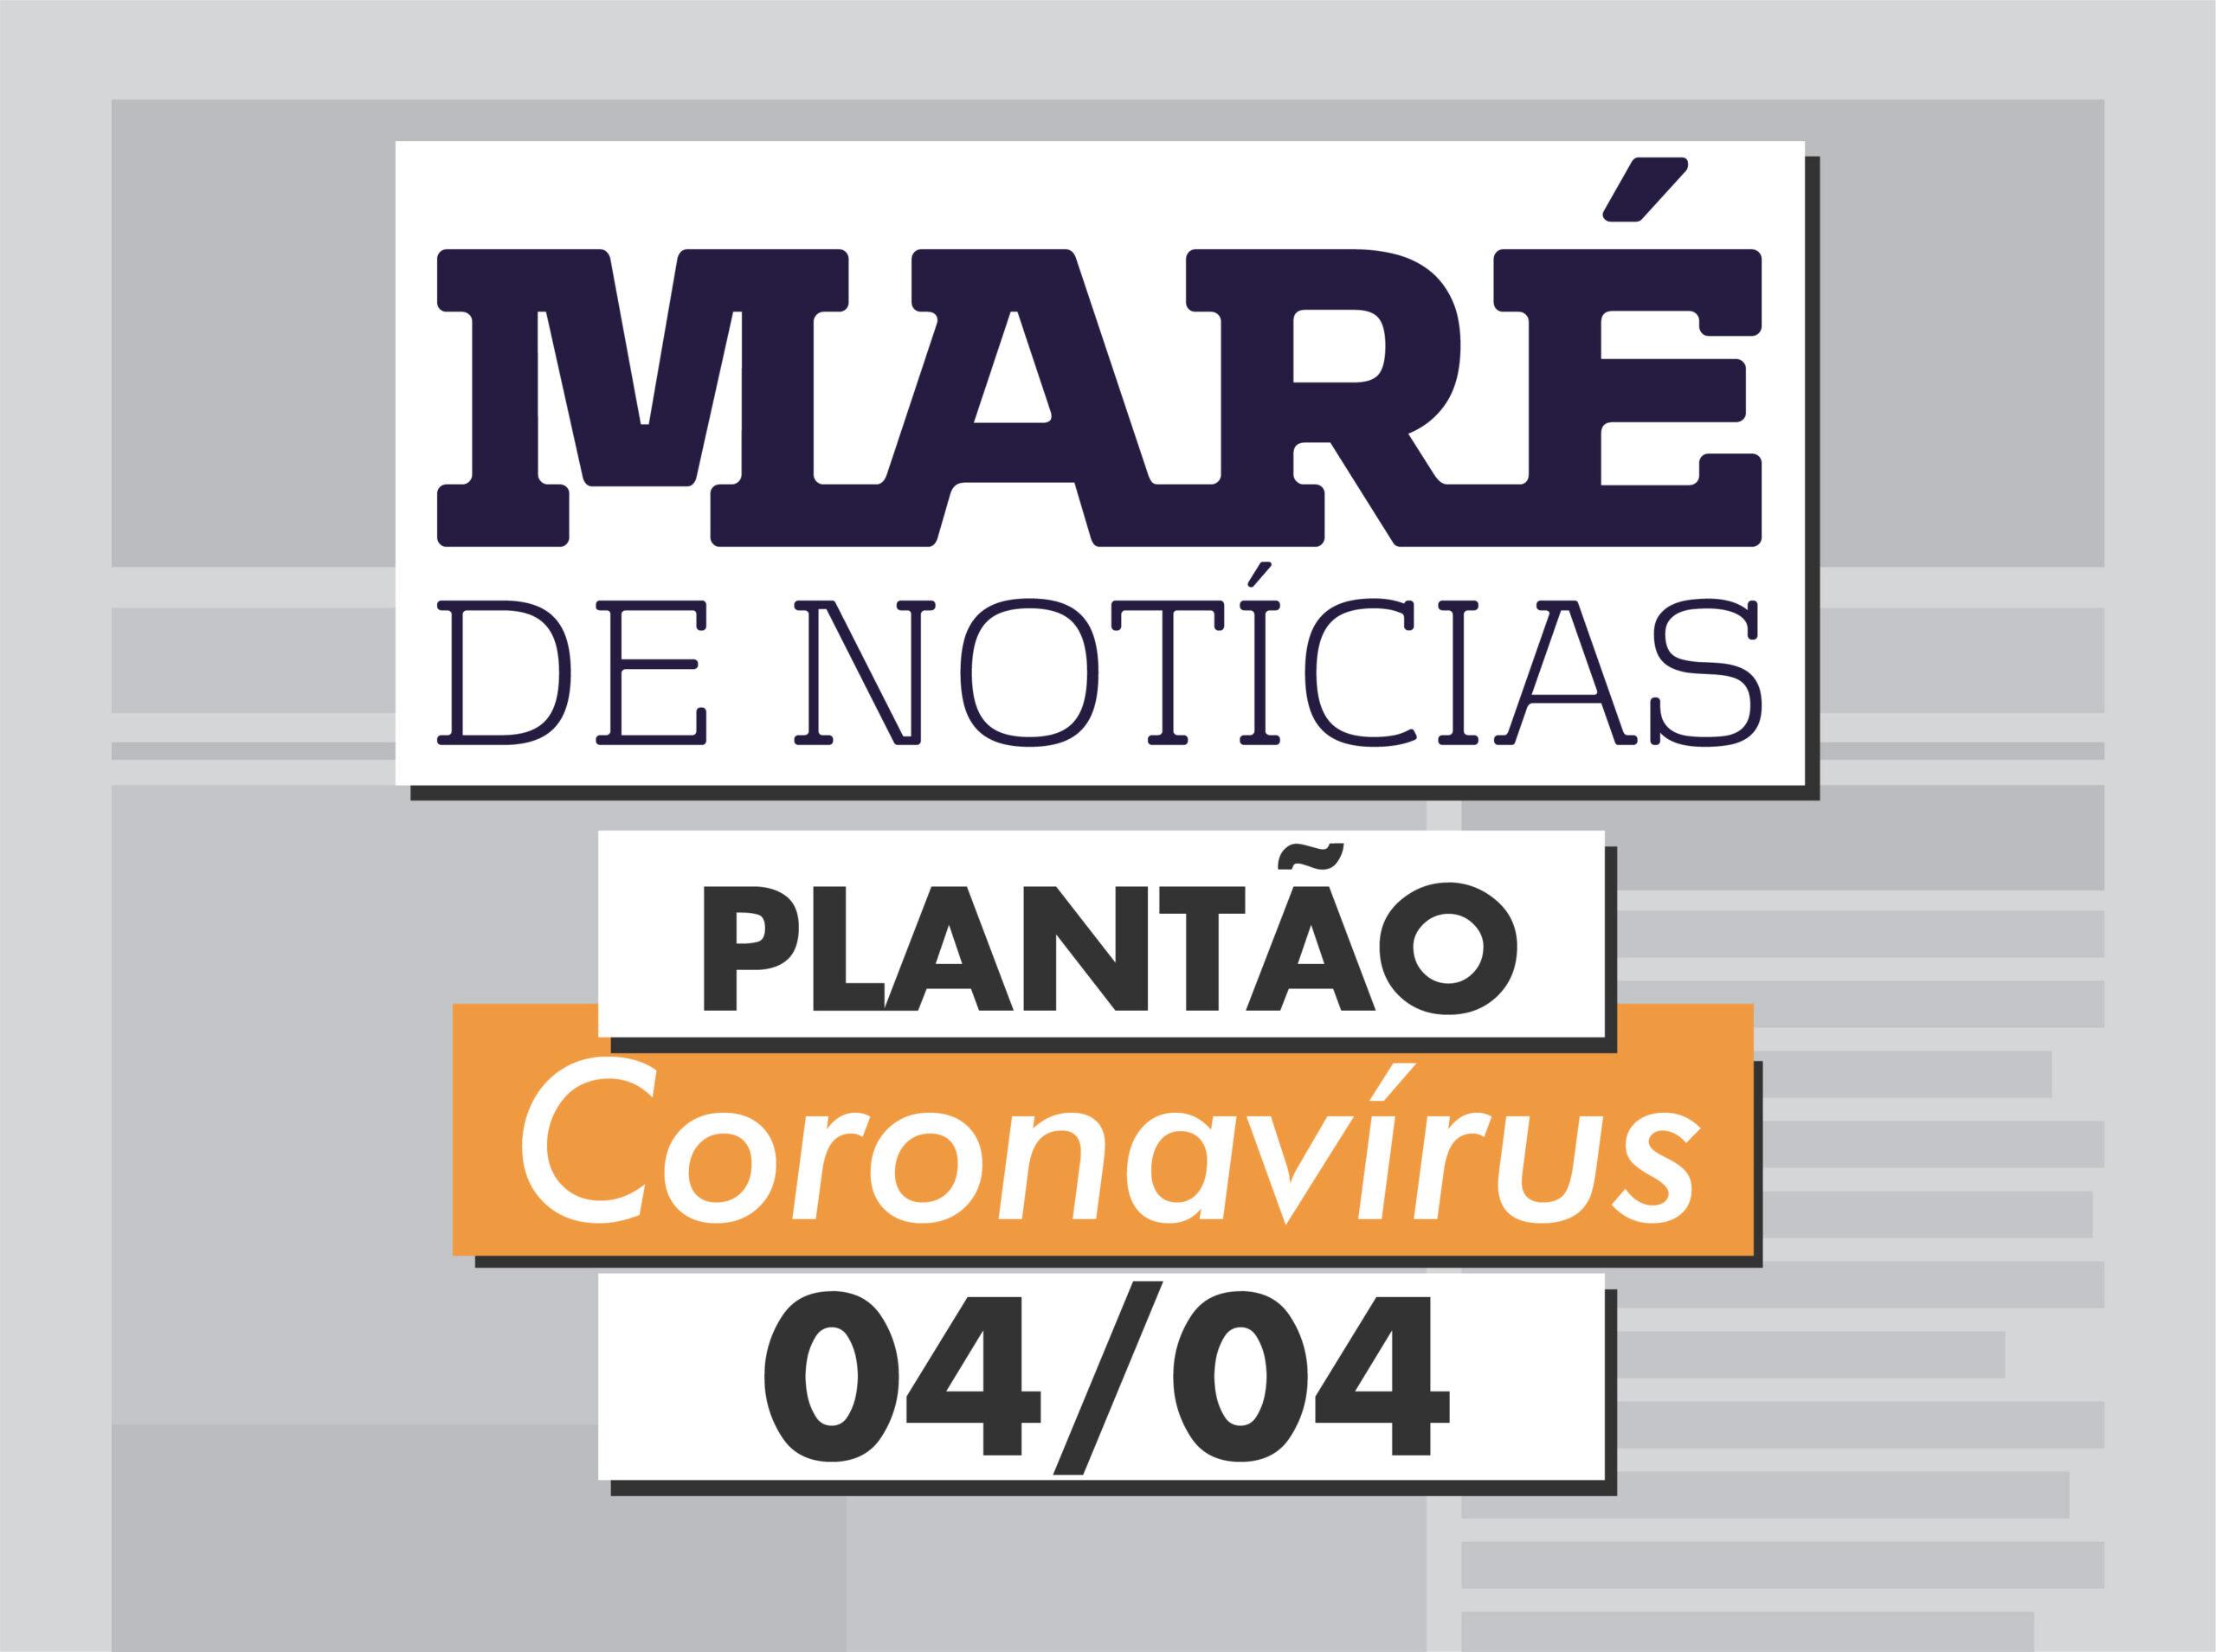 Ronda Coronavírus: lojas de materiais de construção e lotéricas continuarão abertas